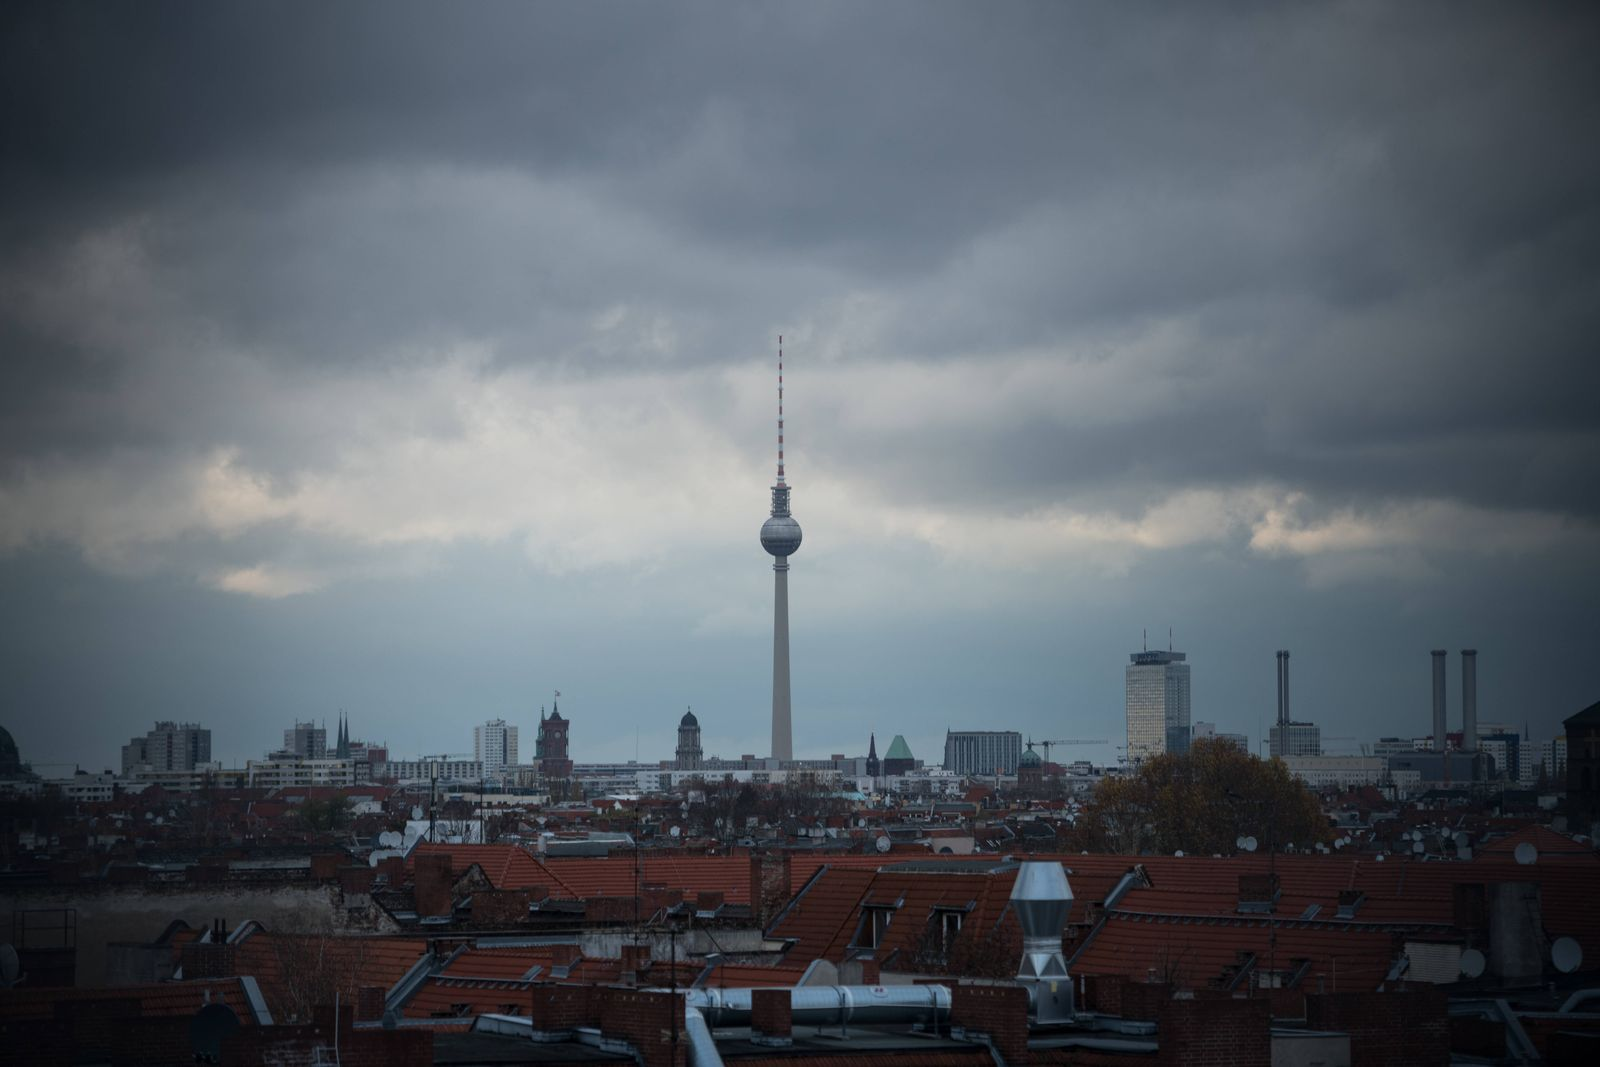 Blick ueber Wohnhaeuser in Neukoelln in Richtung Stadtmitte und Fernsehturm in Berlin. Foto: bildgehege Wohnen in Berli